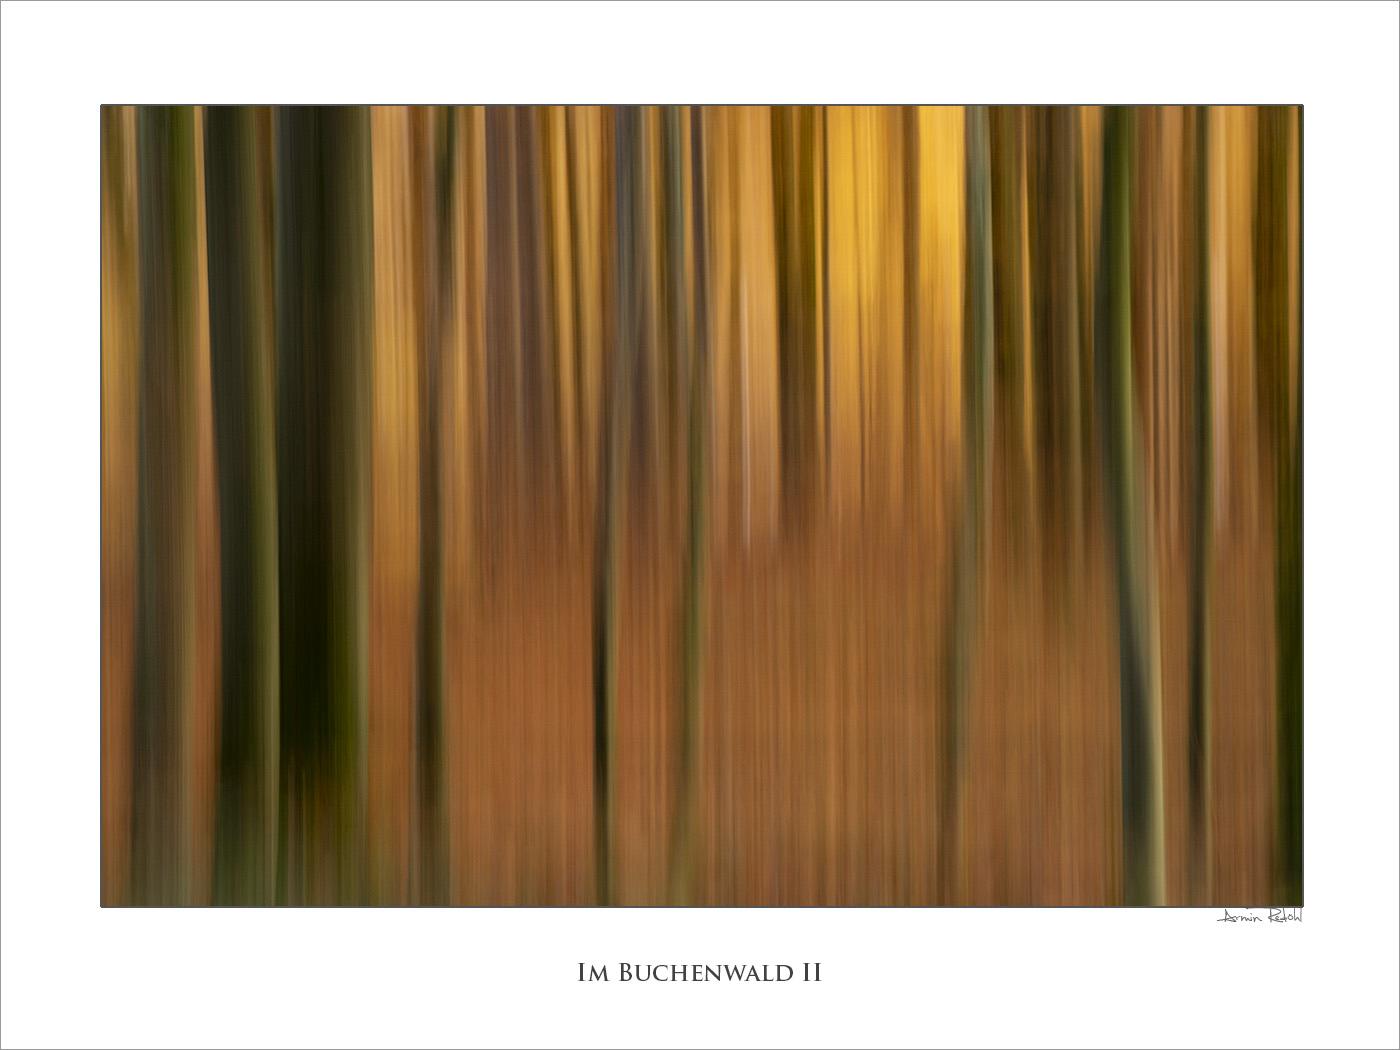 Im Buchenwald II